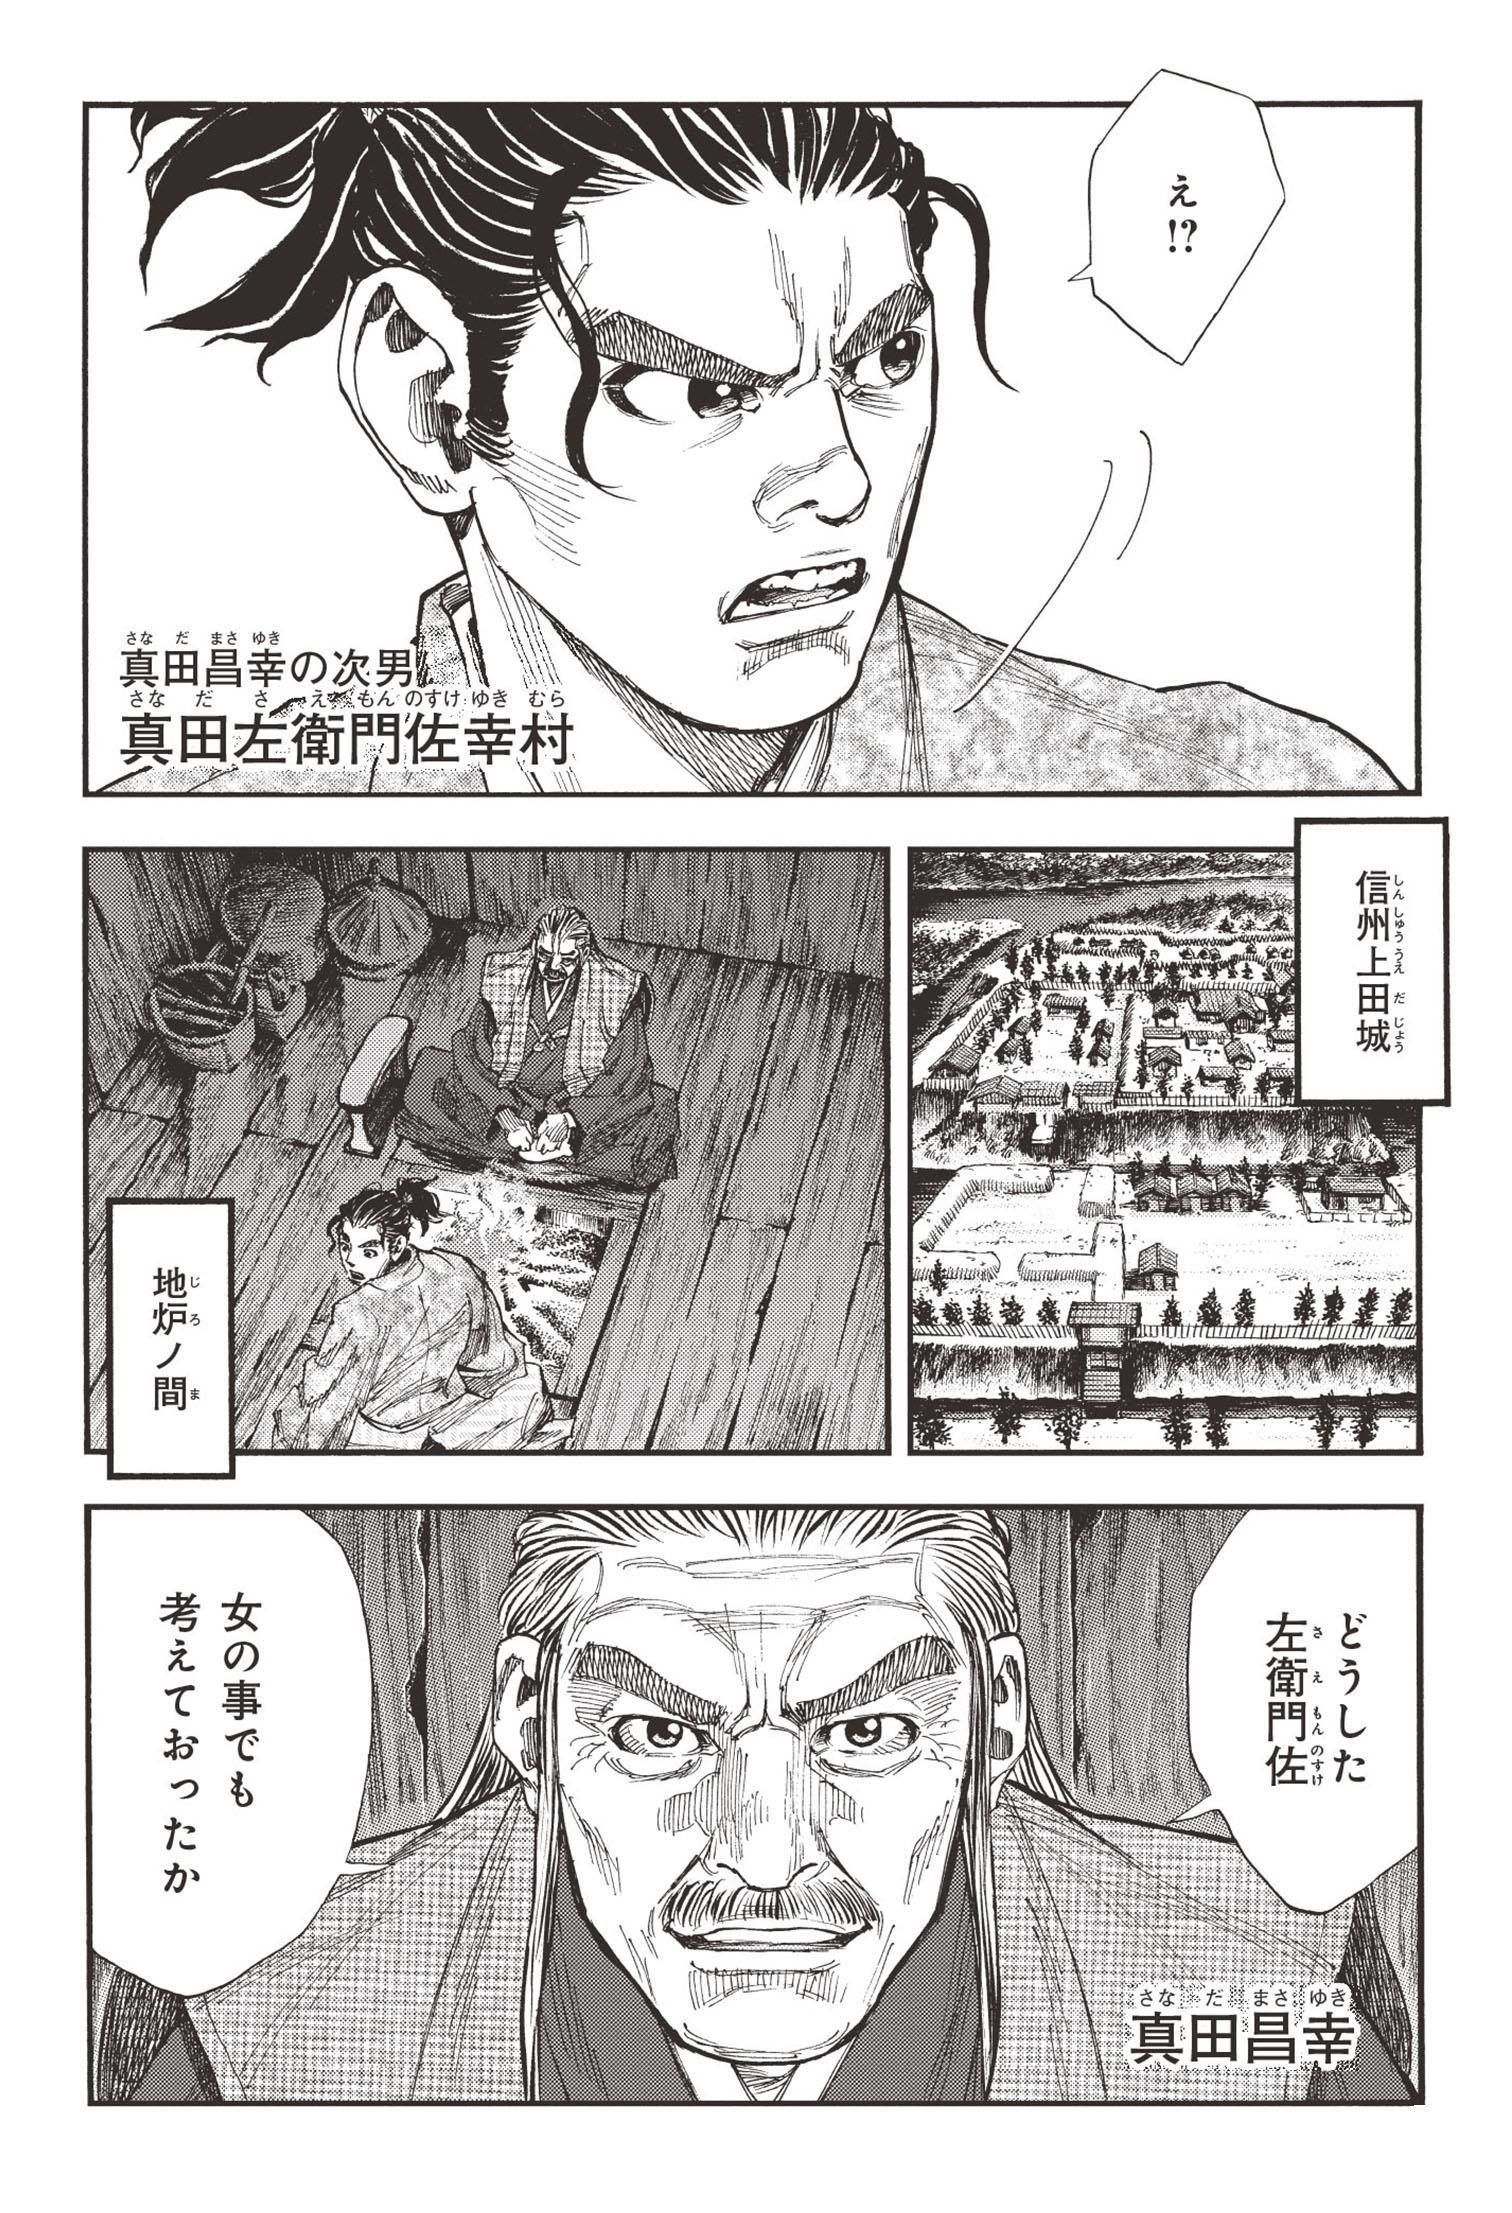 真田太平記 第0話「日本一の兵」①sanada01_016.jpg